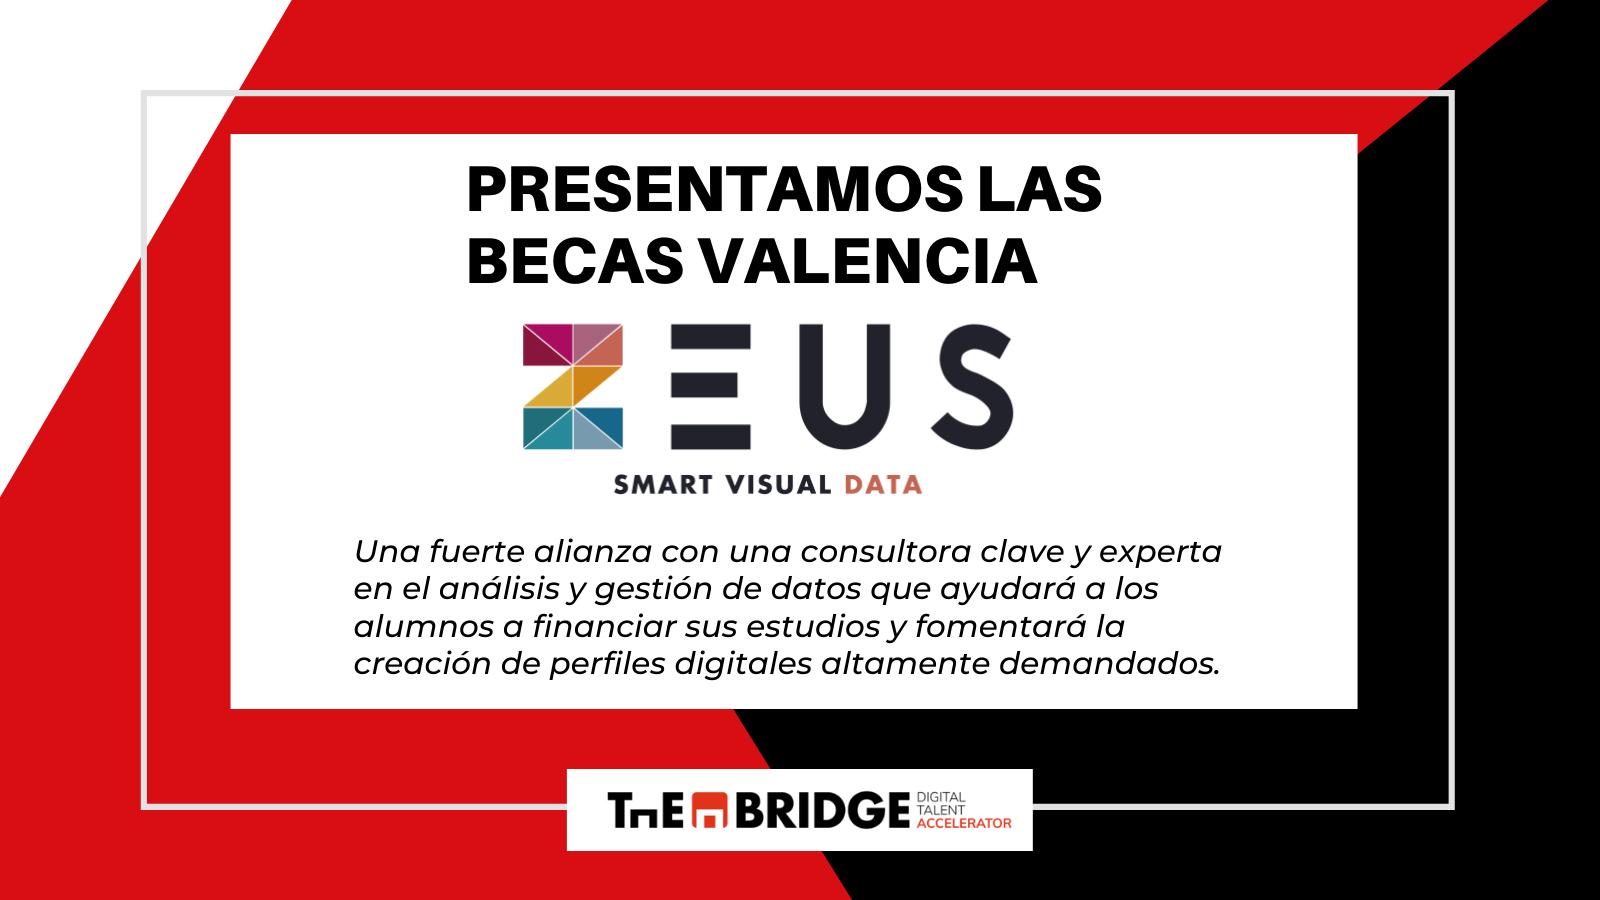 The Bridge y la consultora Zeus firman un acuerdo para potenciar la formación  de perfiles digitales en la Comunidad Valenciana